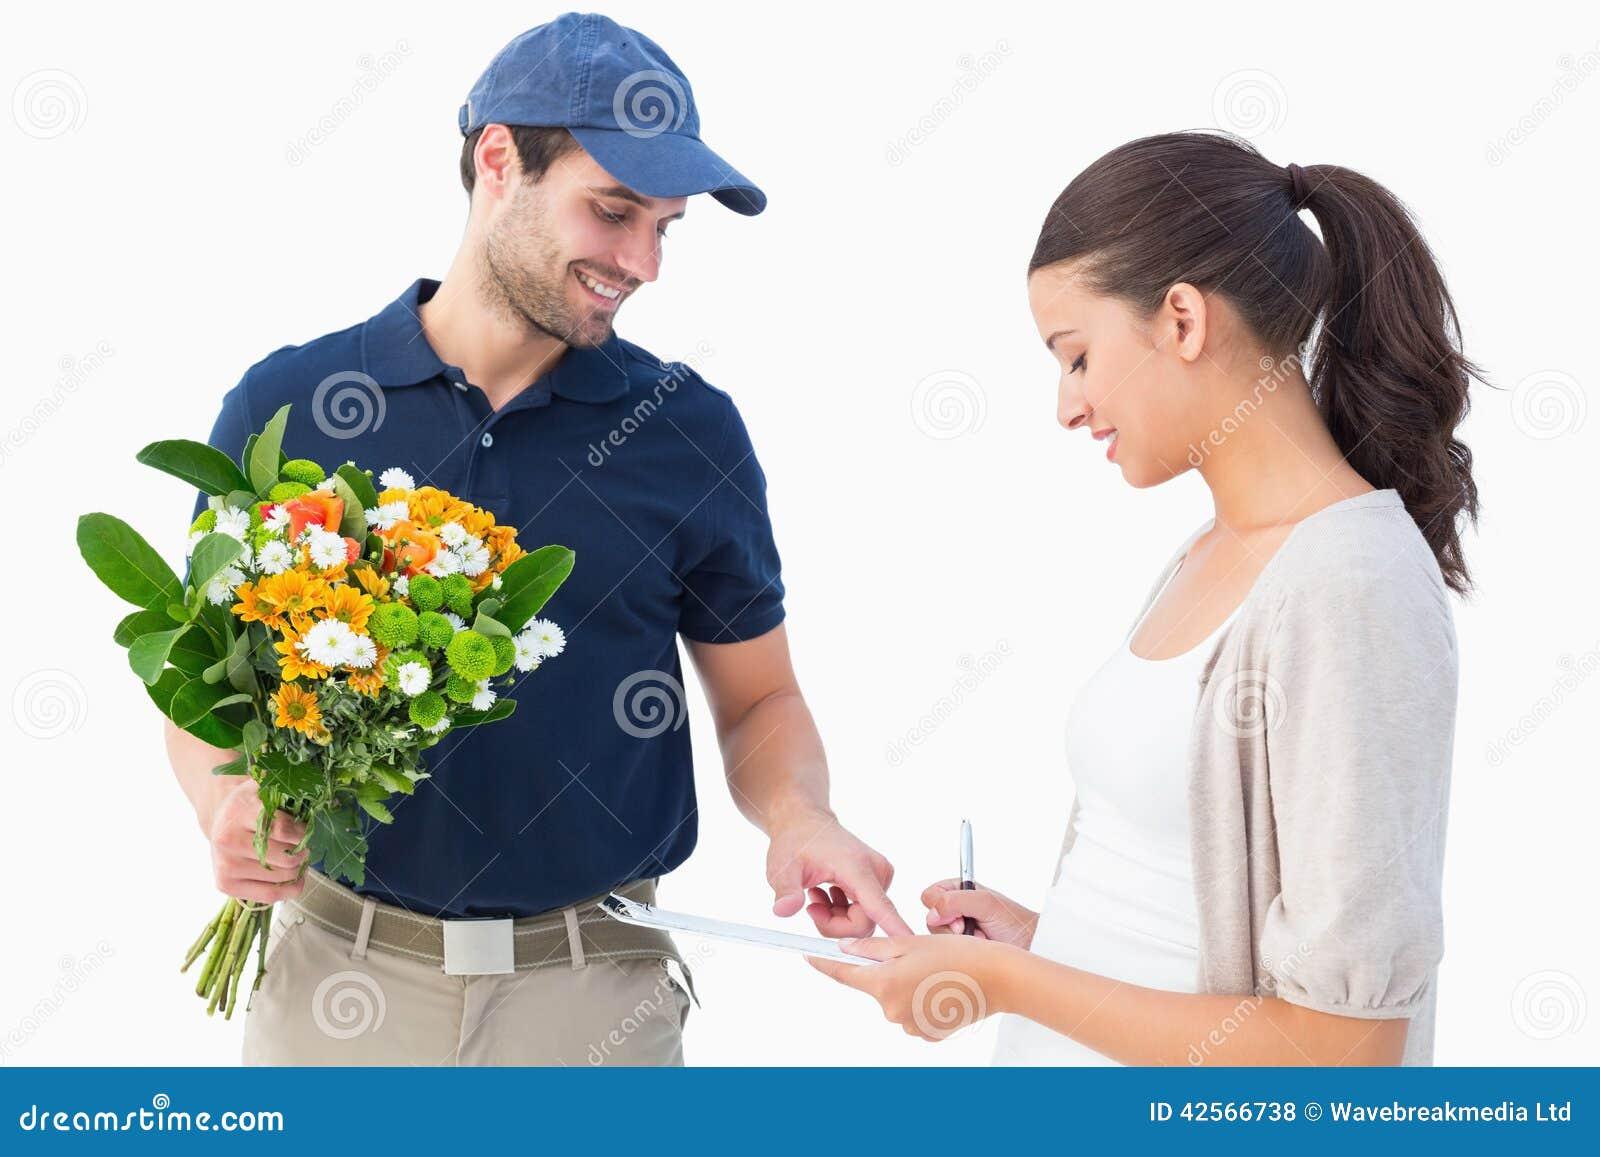 Фото курьера доставки цветов